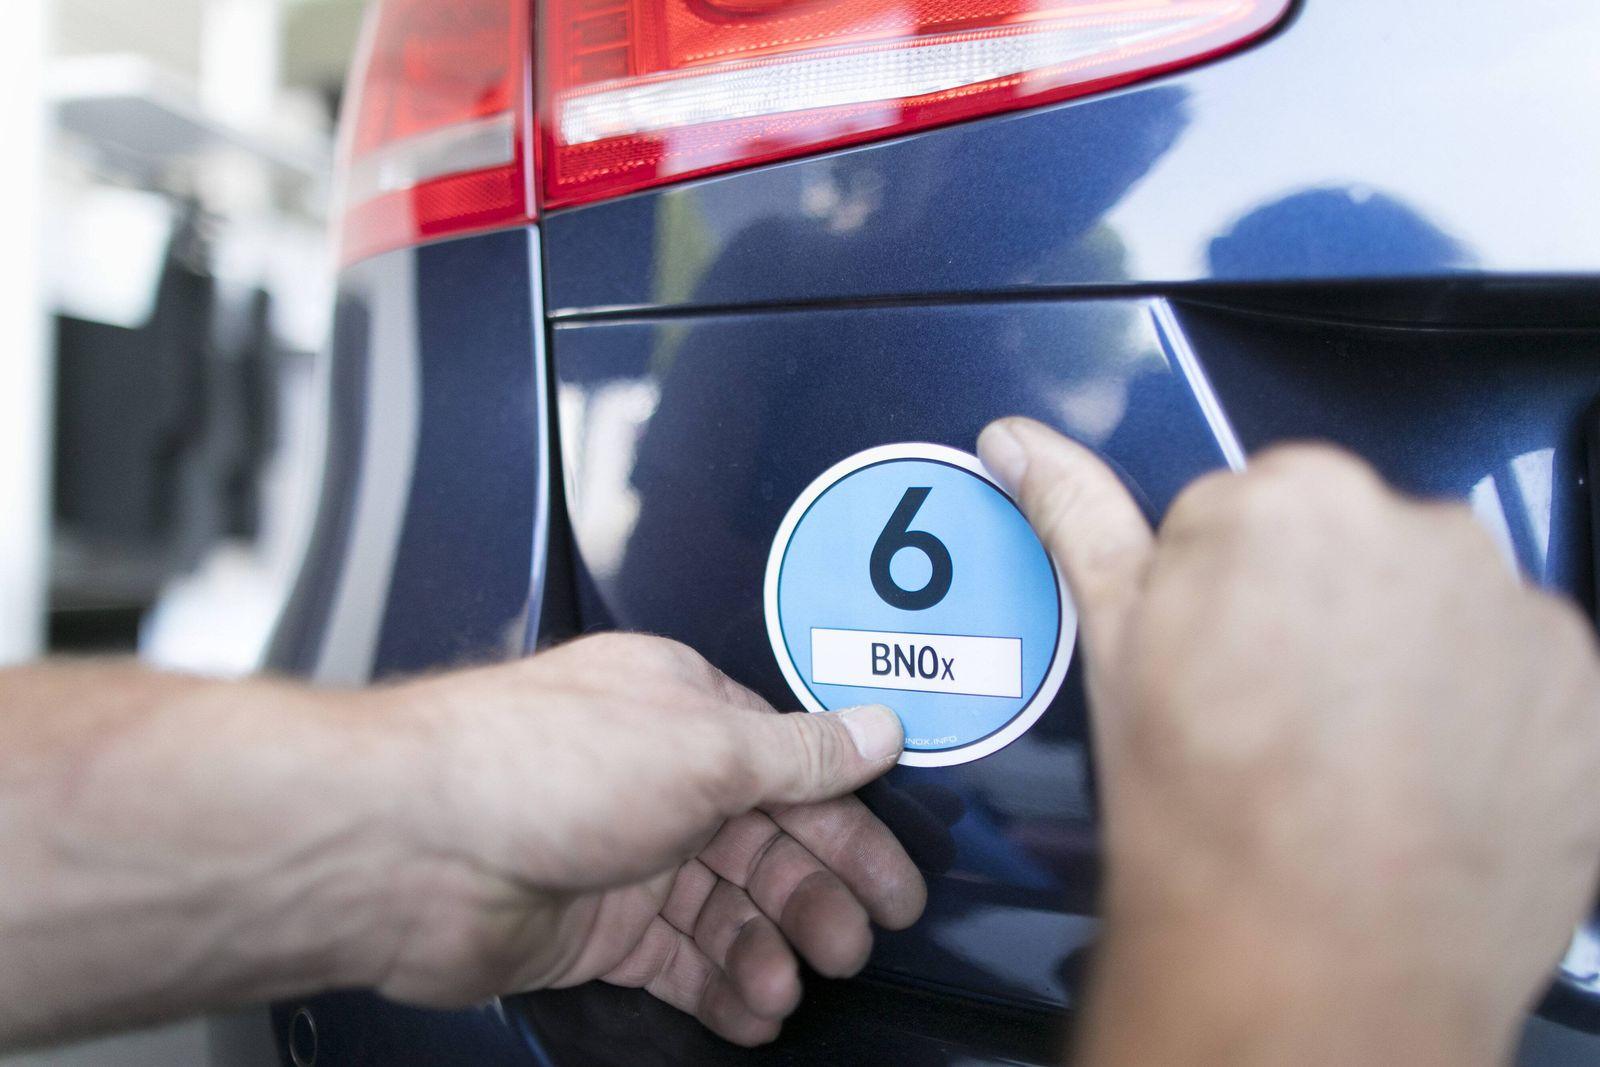 Aufkleben einer EURO NORM Plakette 6 auf ein Auto aufgeklebt Kfz Betrieb der Nachruestung von Diese